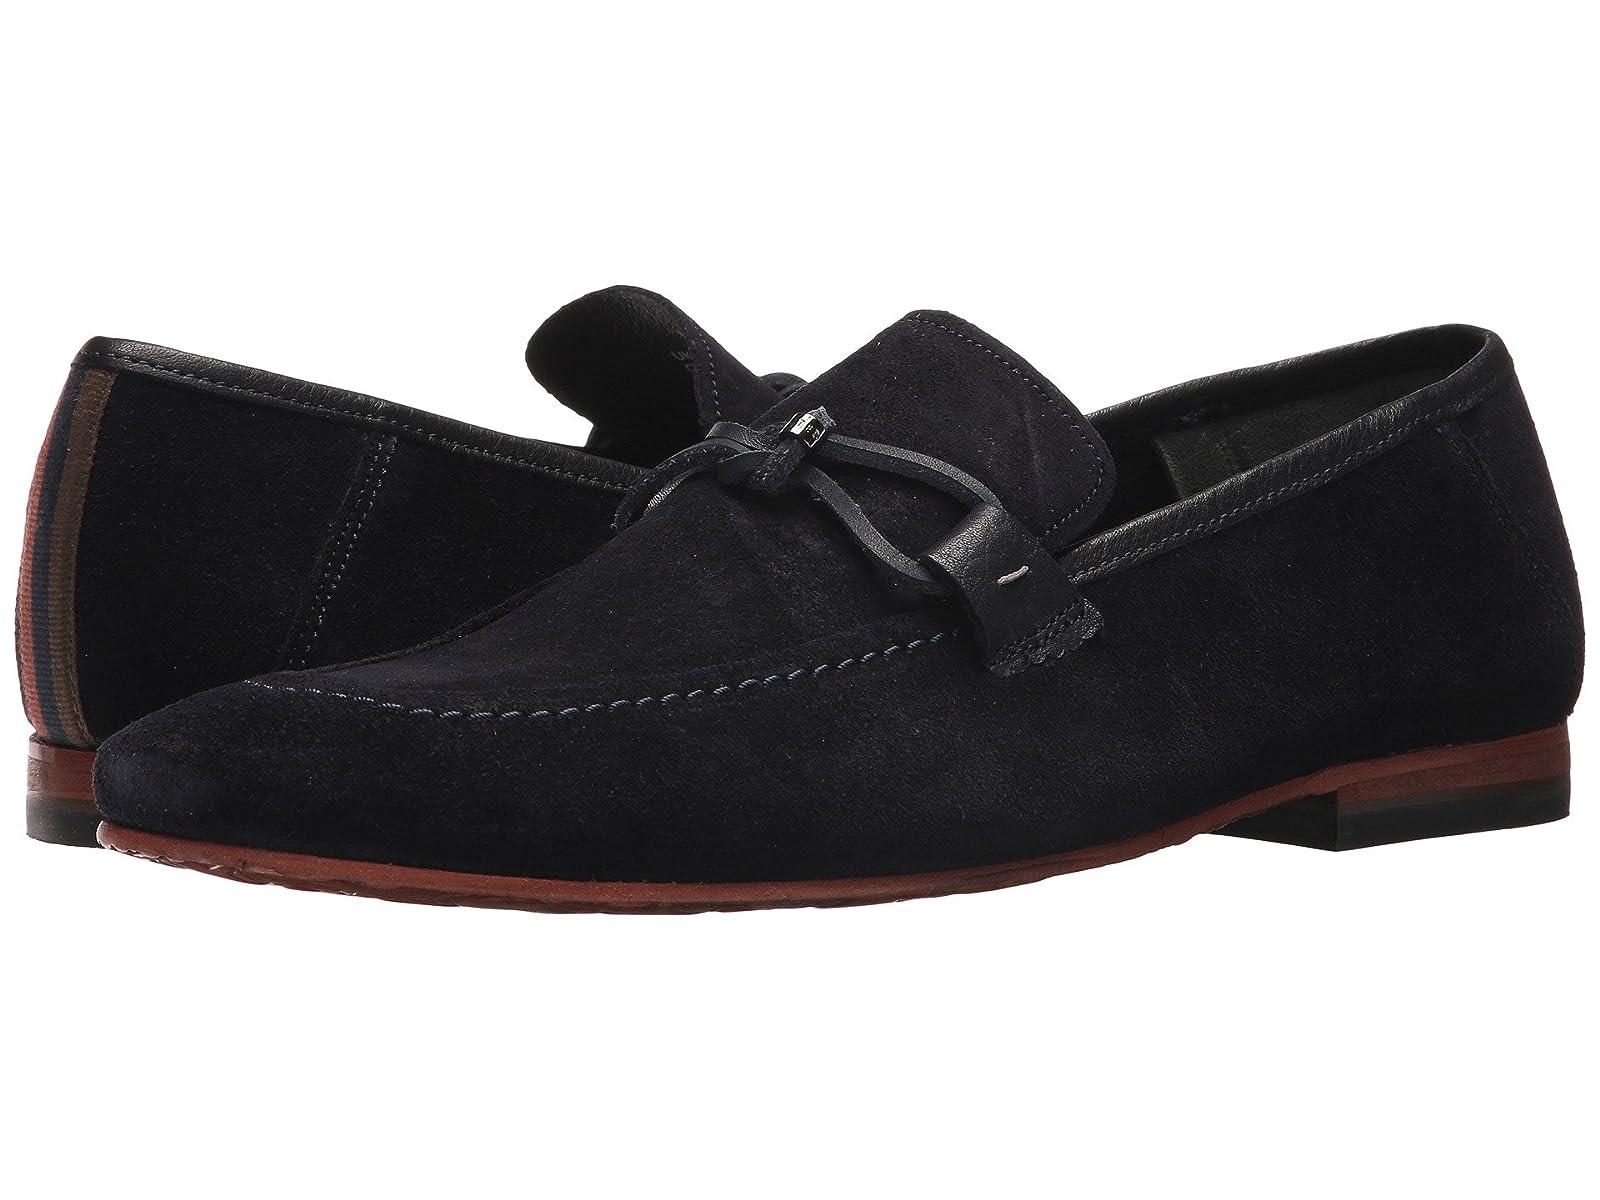 Ted Baker HoppkenAtmospheric grades have affordable shoes